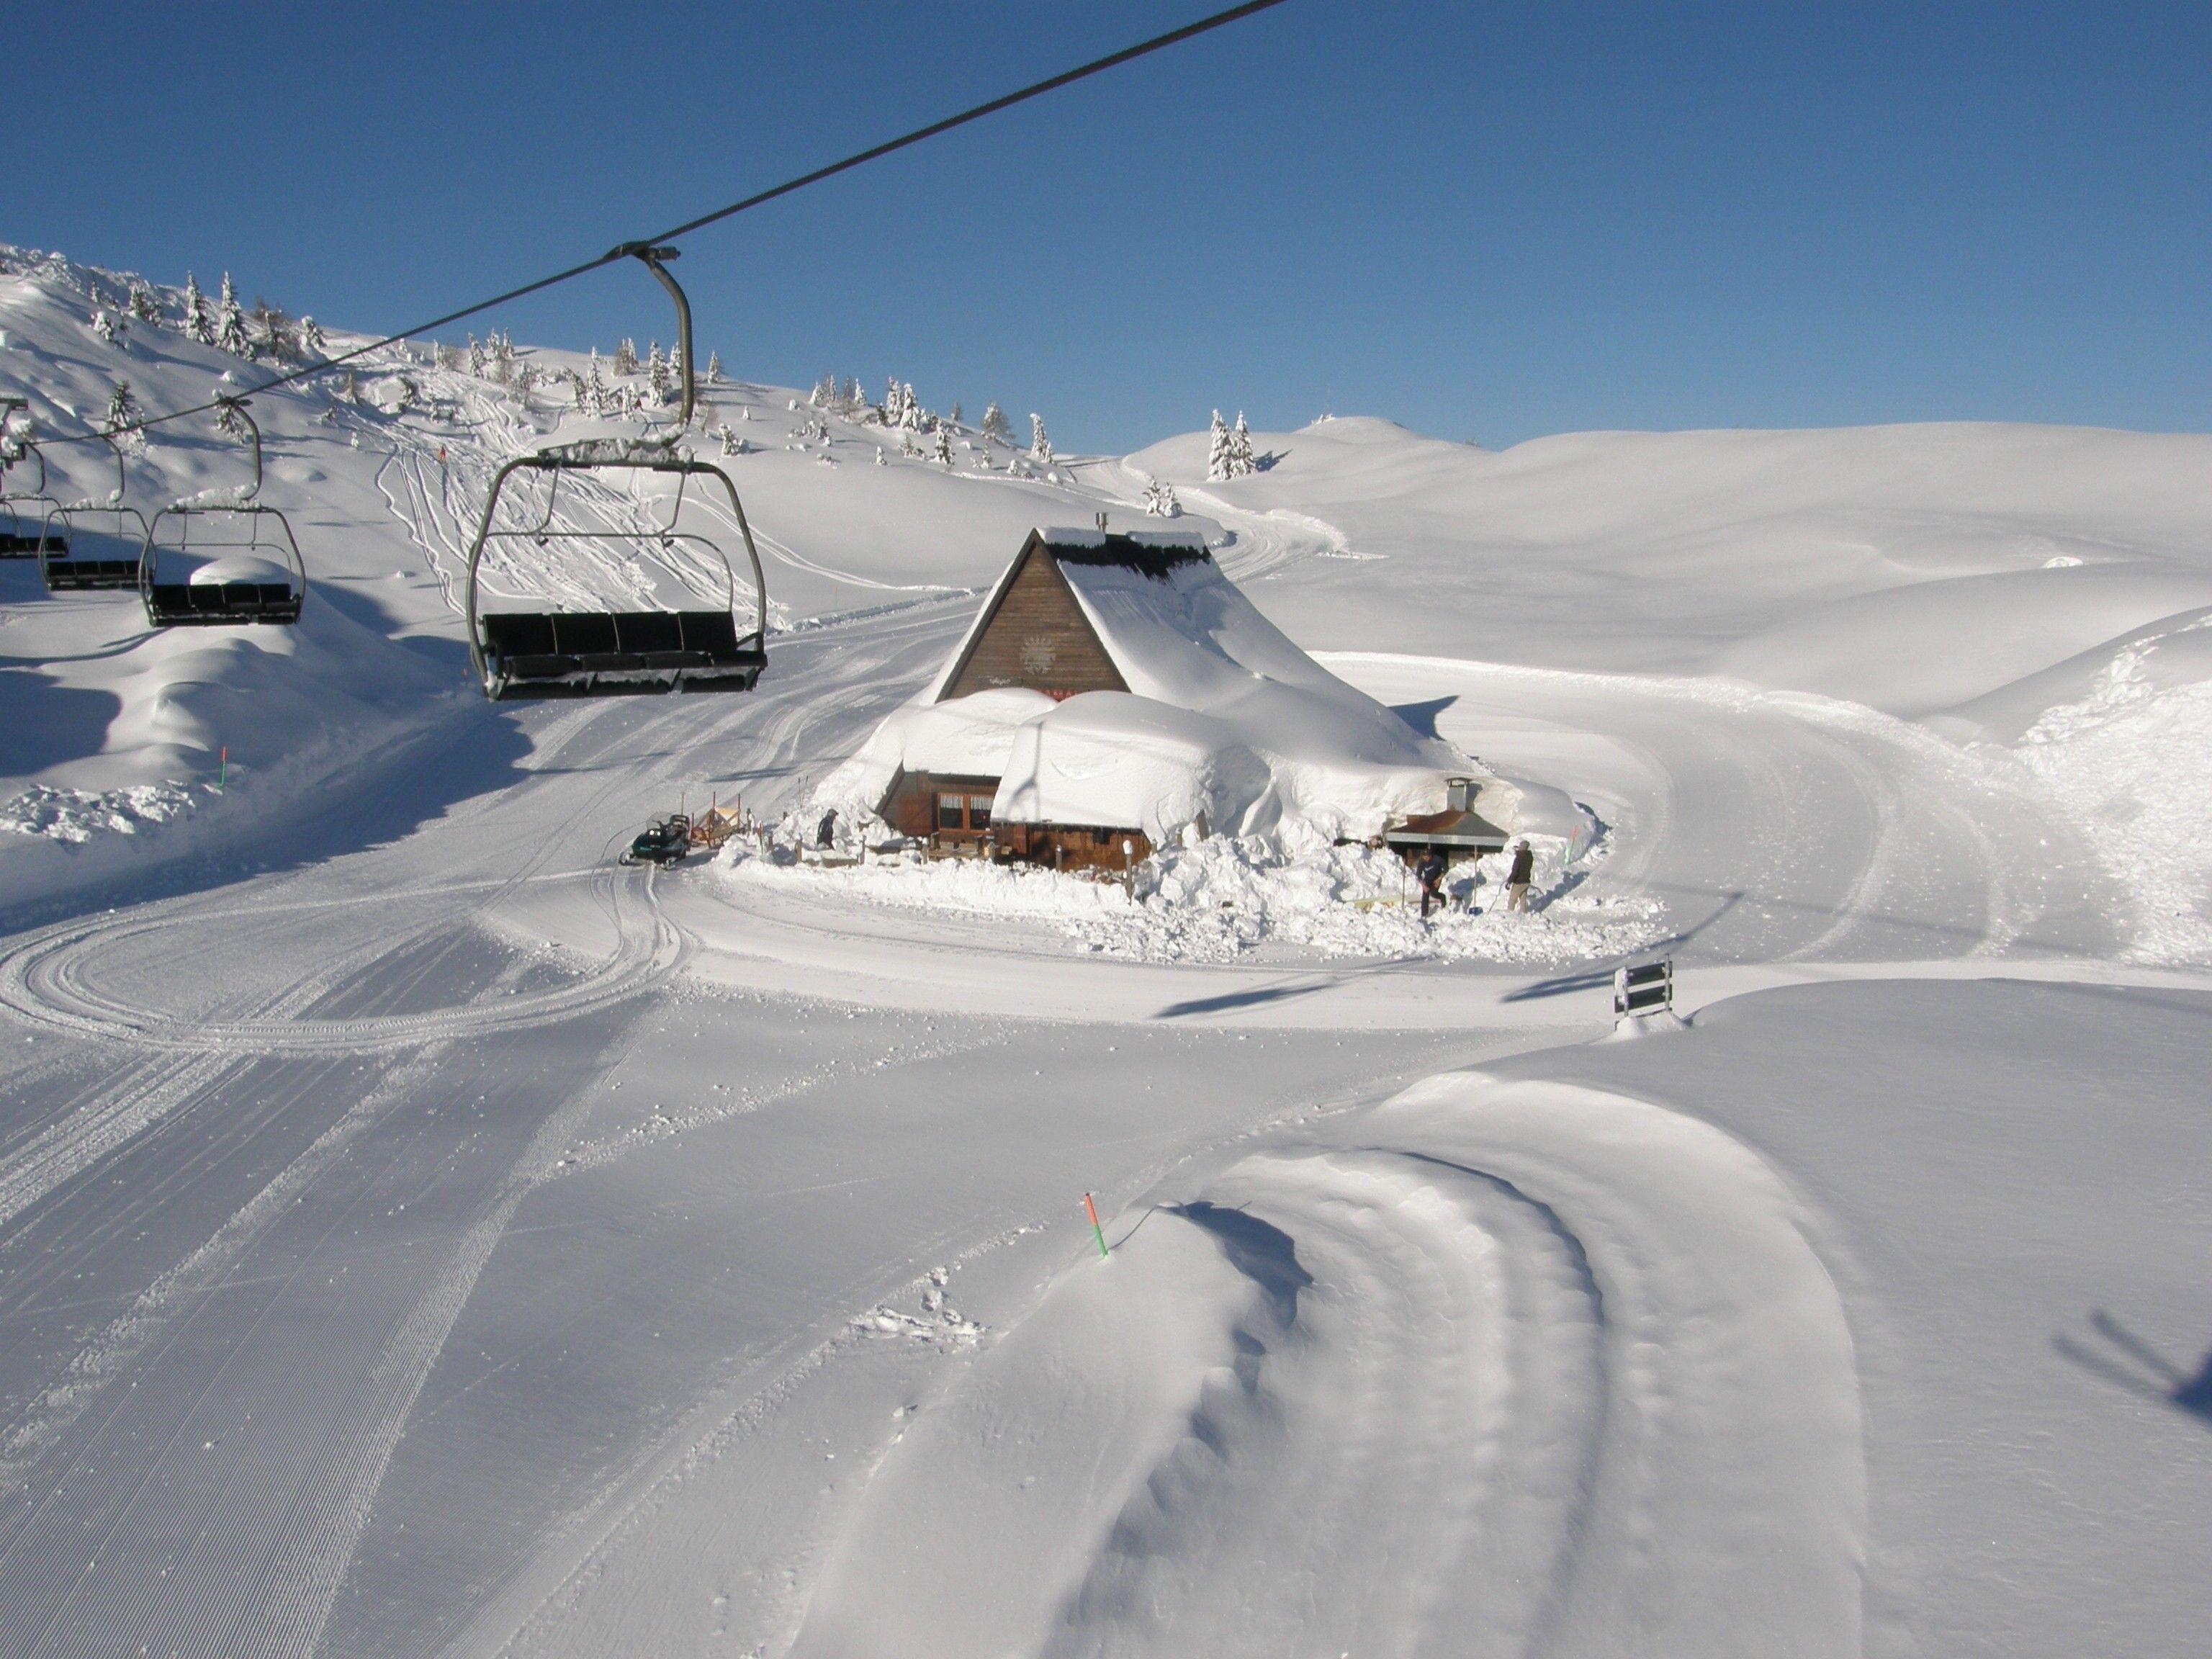 Località sciistiche italiane: Zoncolan soddisfa ogni desiderio, per una vacanza sulla neve divertente e rilassante